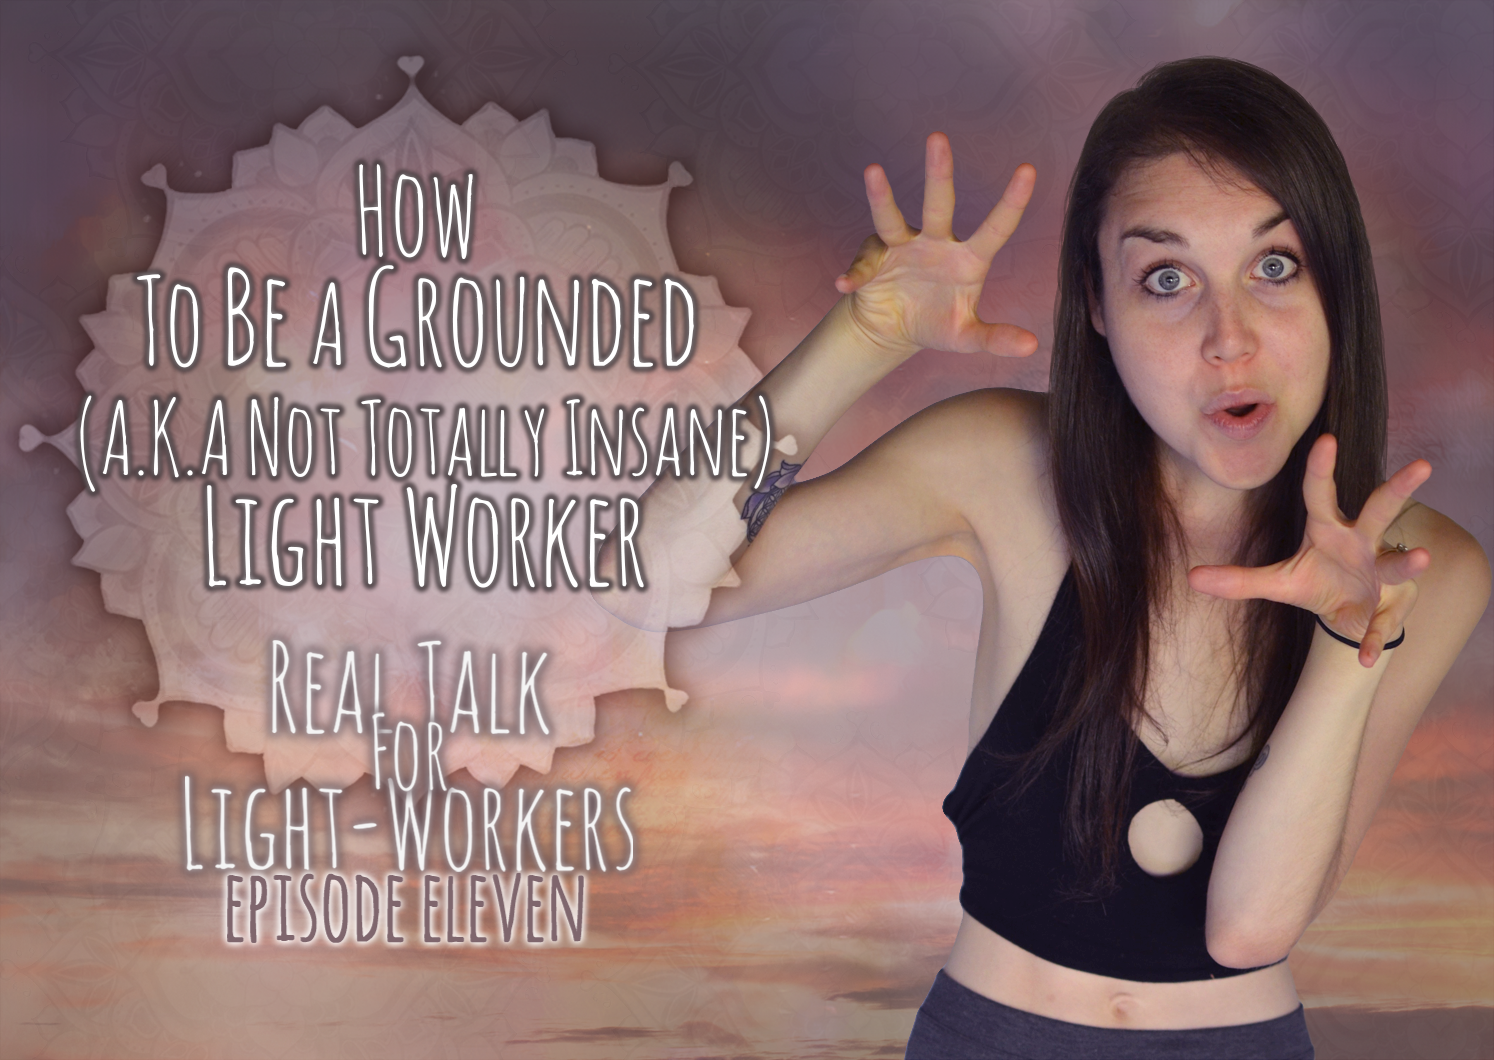 R.T.F.L.W.E.11: How To be A Grounded (A.K.A. Not Crazy) Light Worker